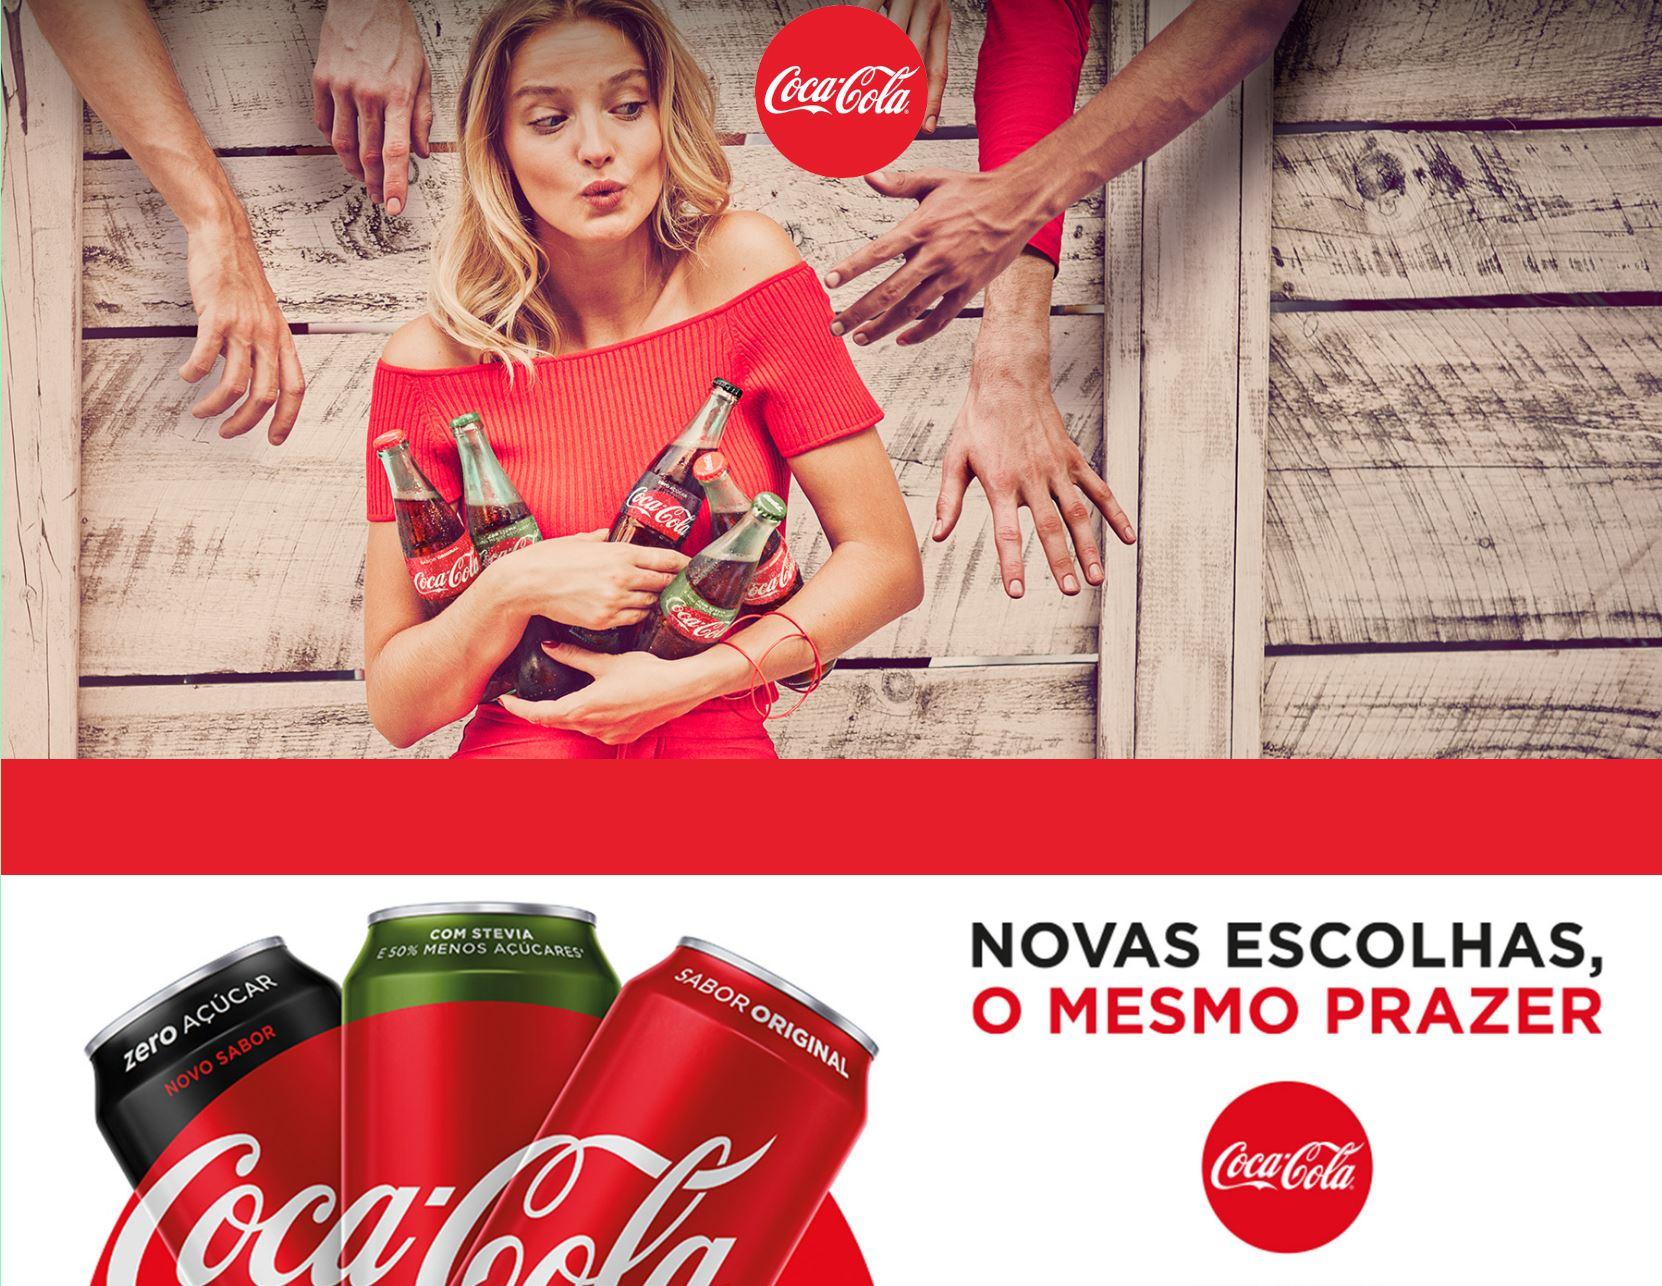 Coca Cola Brazil